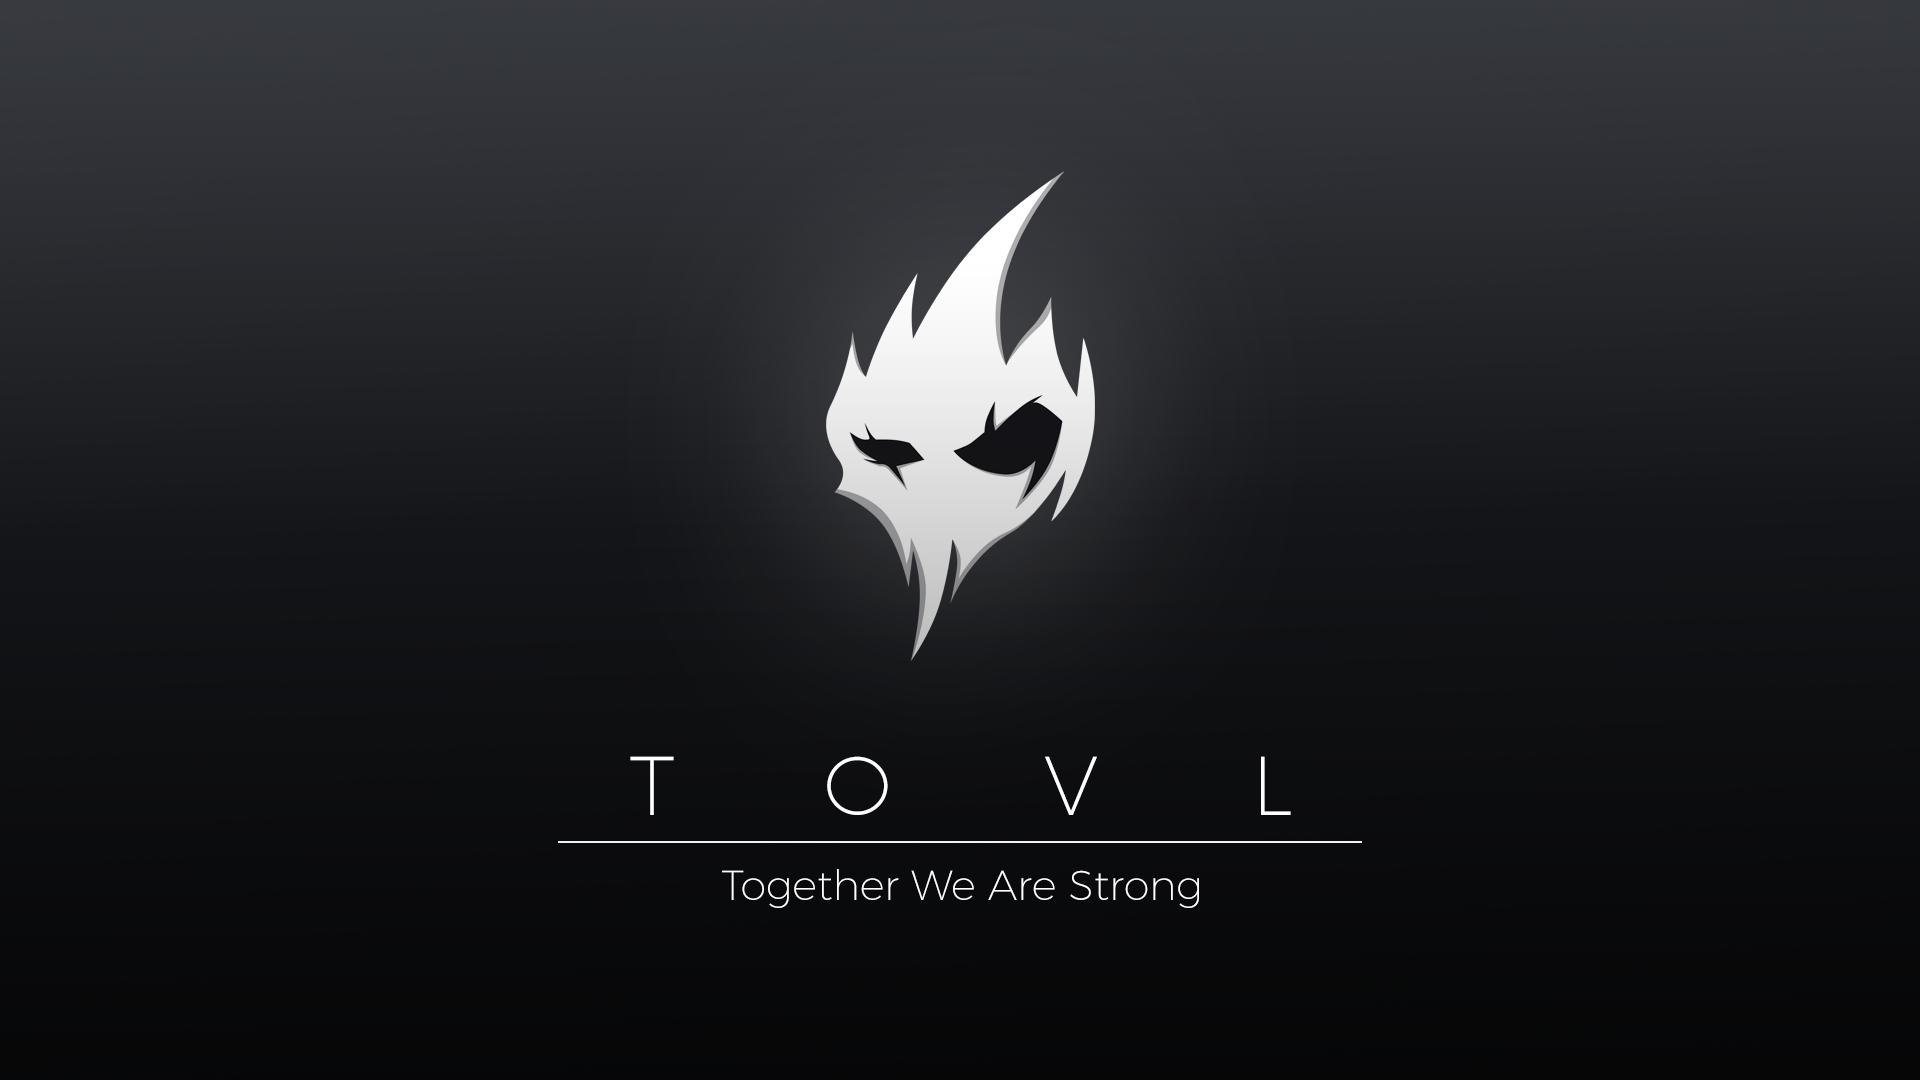 TOVL 1